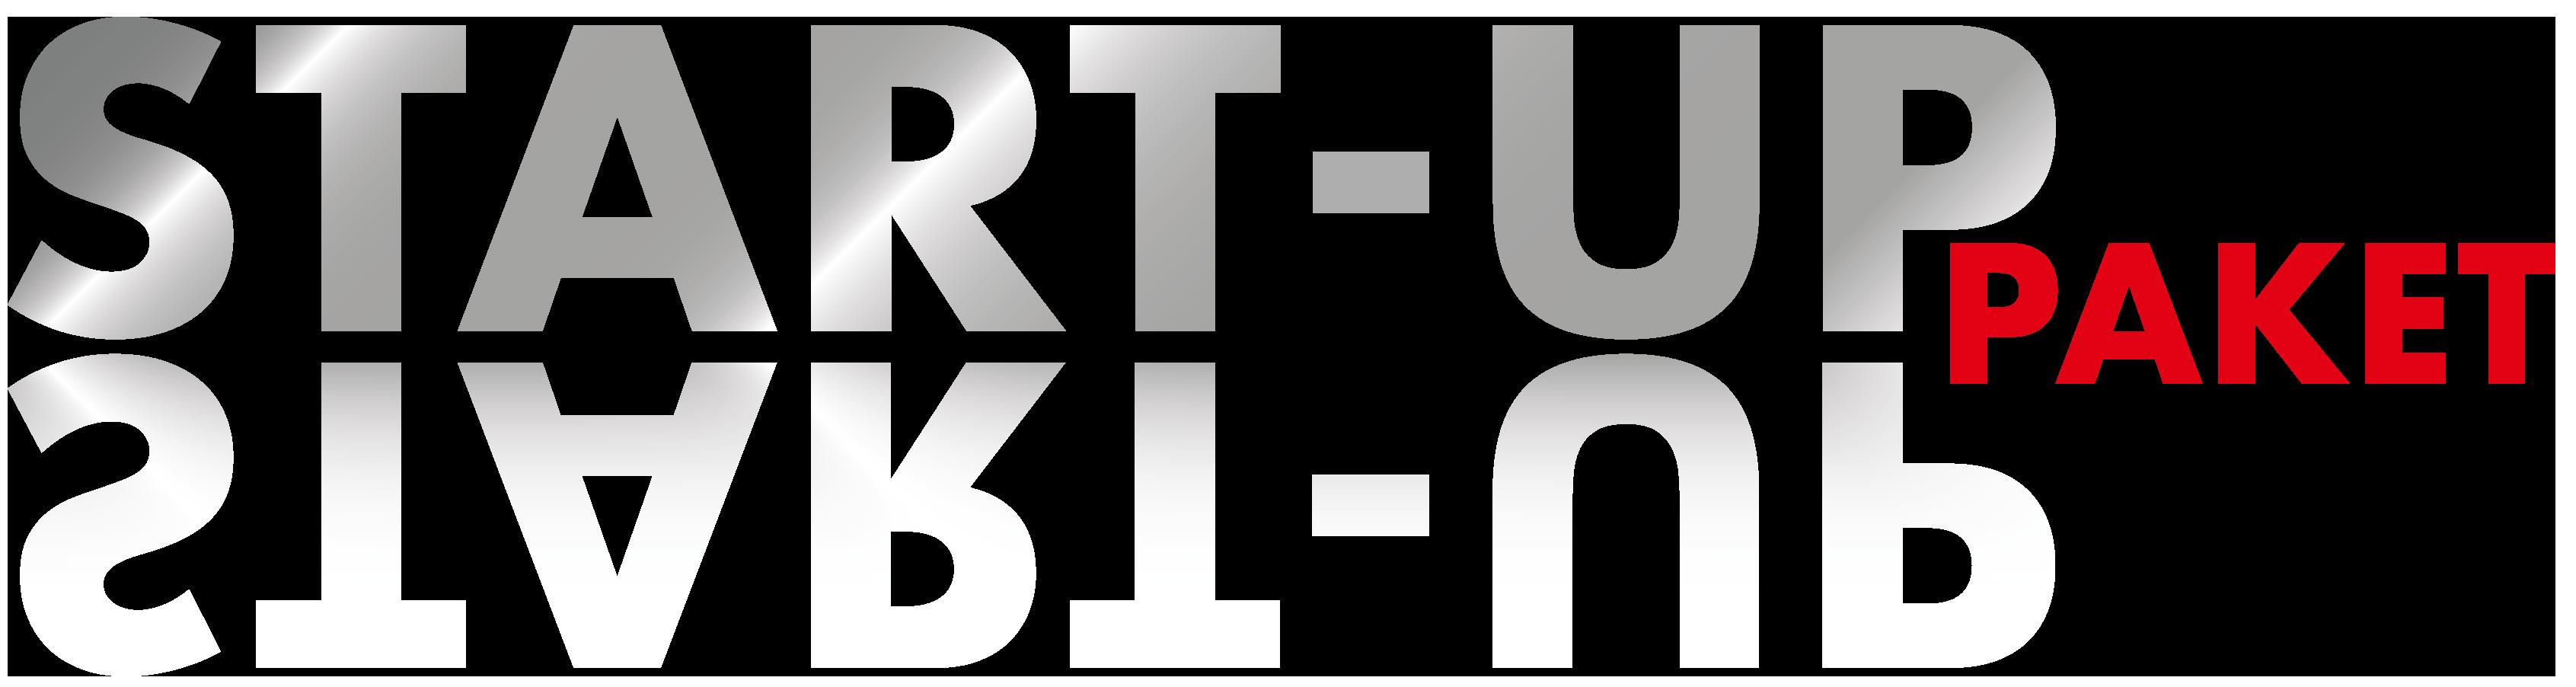 Startup-Paket Raum für Technik